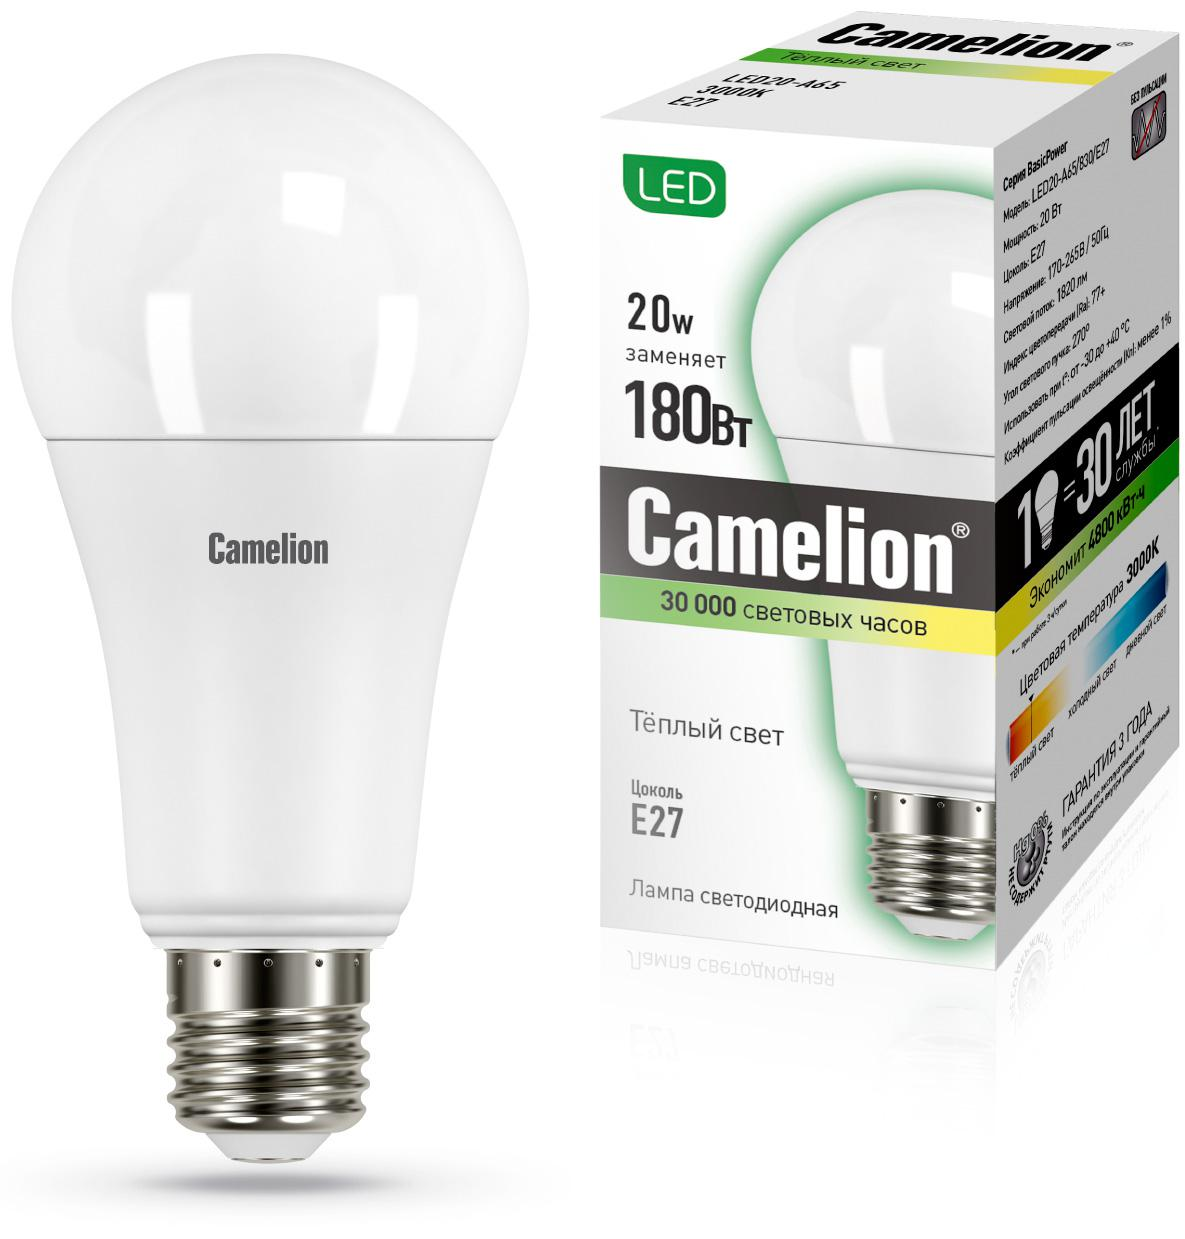 Лампа Camelion Led20-a65/830/e27